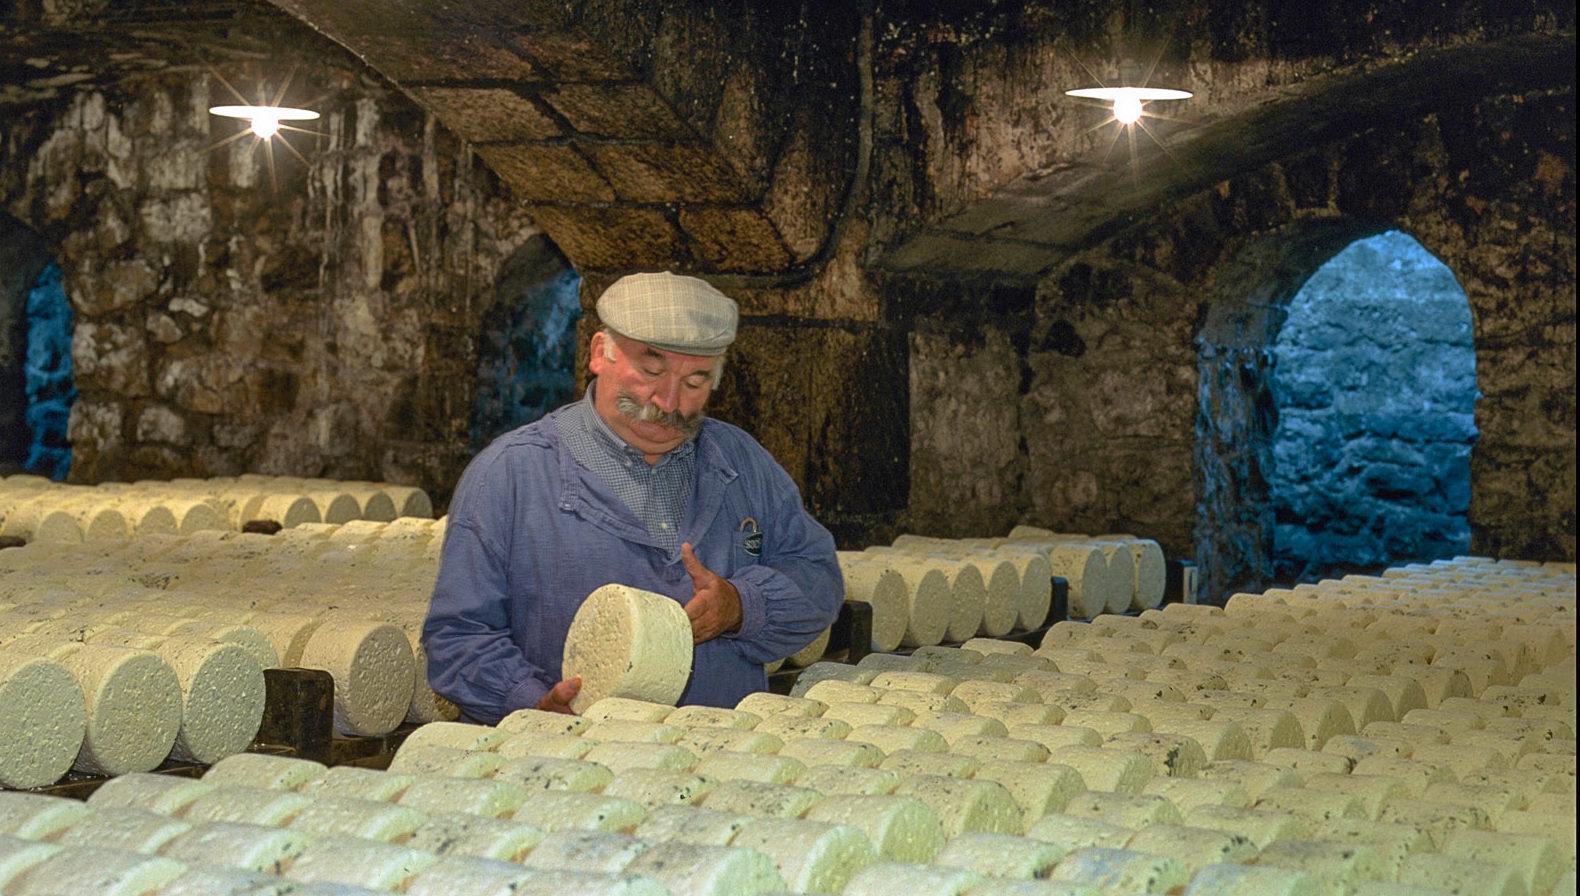 Im Käse-Keller des Roquefort. Foto: Pressebild des CRT Midi-Pyrénées/Dominique Viet